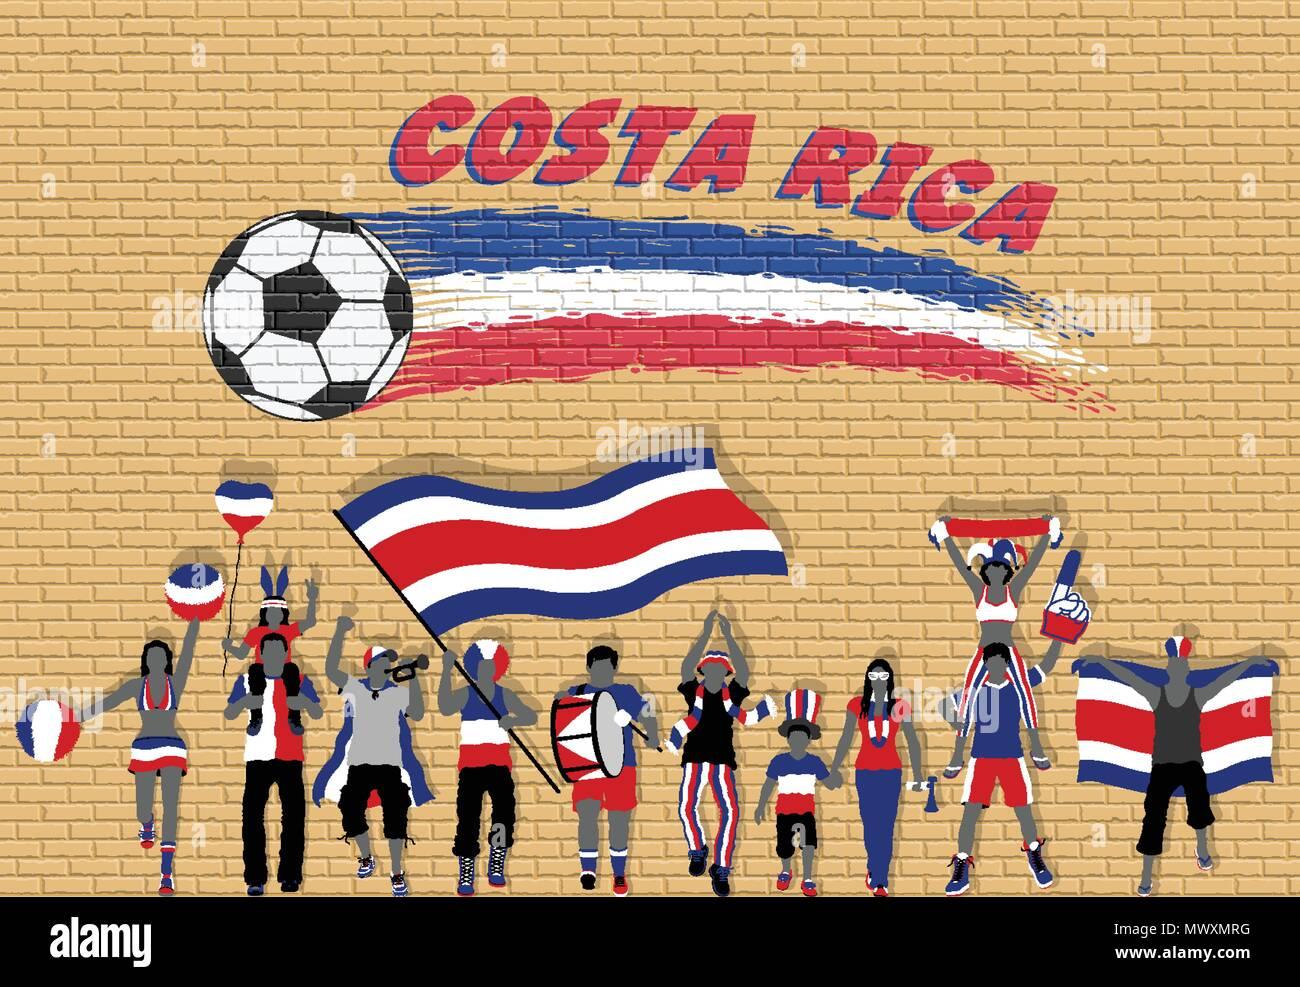 Los aficionados al fútbol de Costa Rica Costa Rica vítores con los colores  de la bandera 03deb2a64faa0